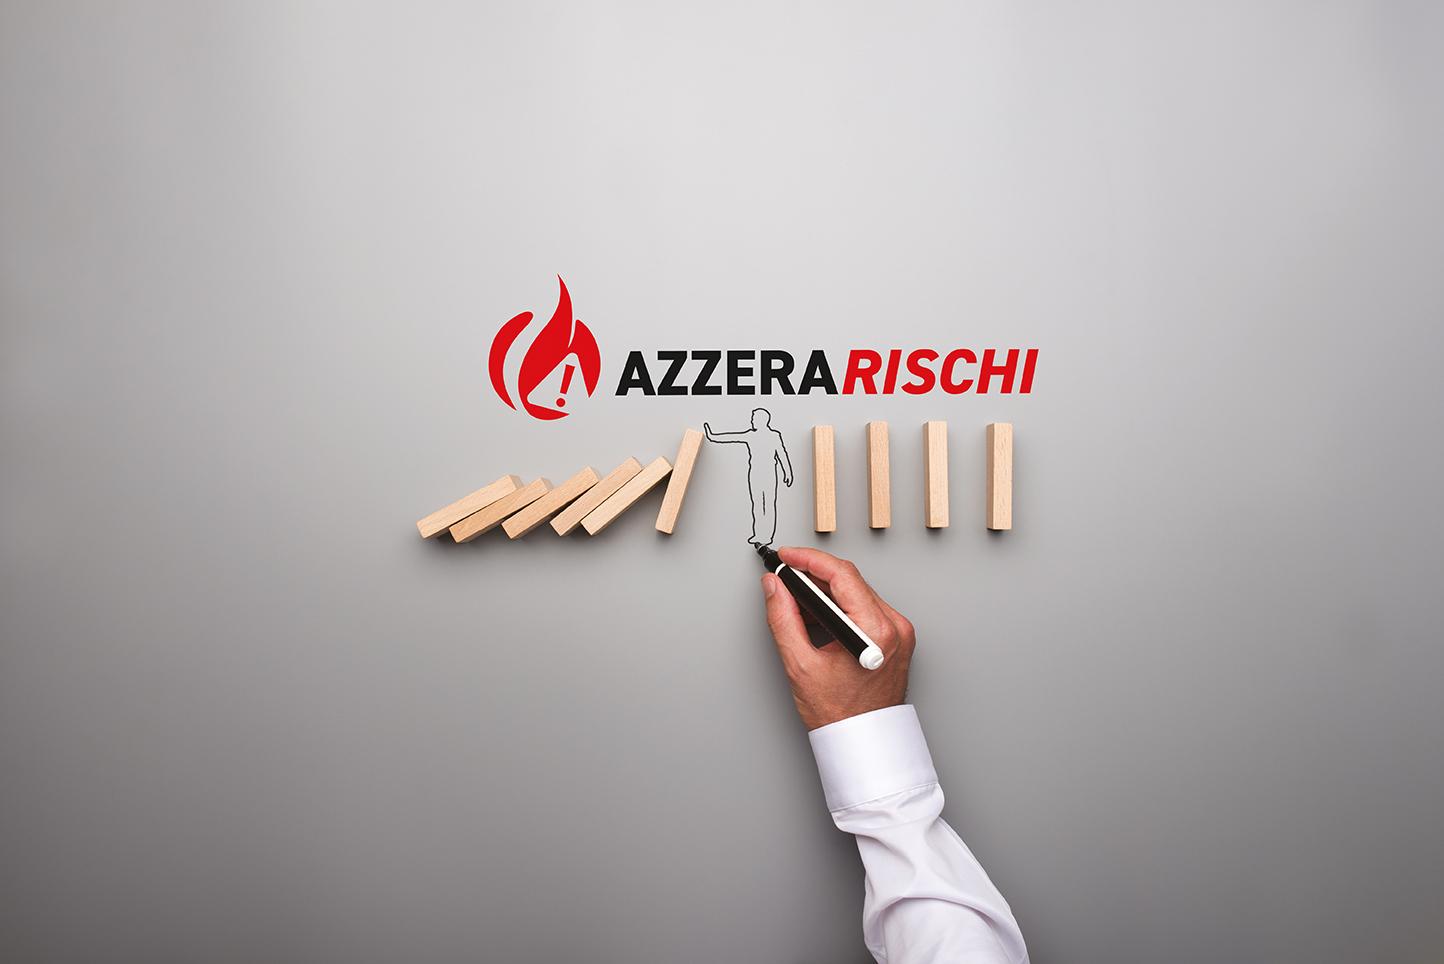 Azzera_rischi